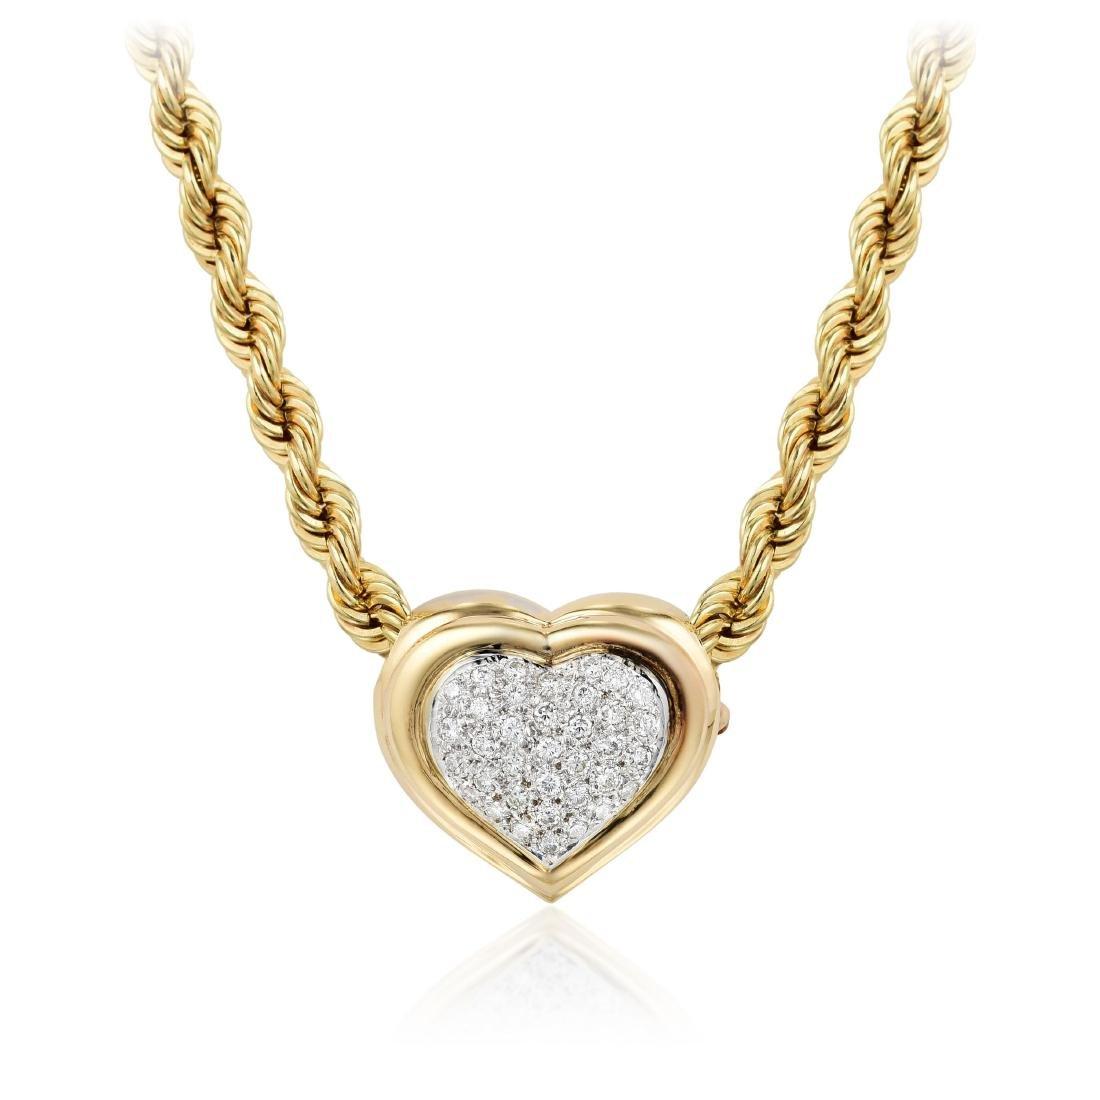 A 14K Gold Diamond Brooch/Pendant Necklace